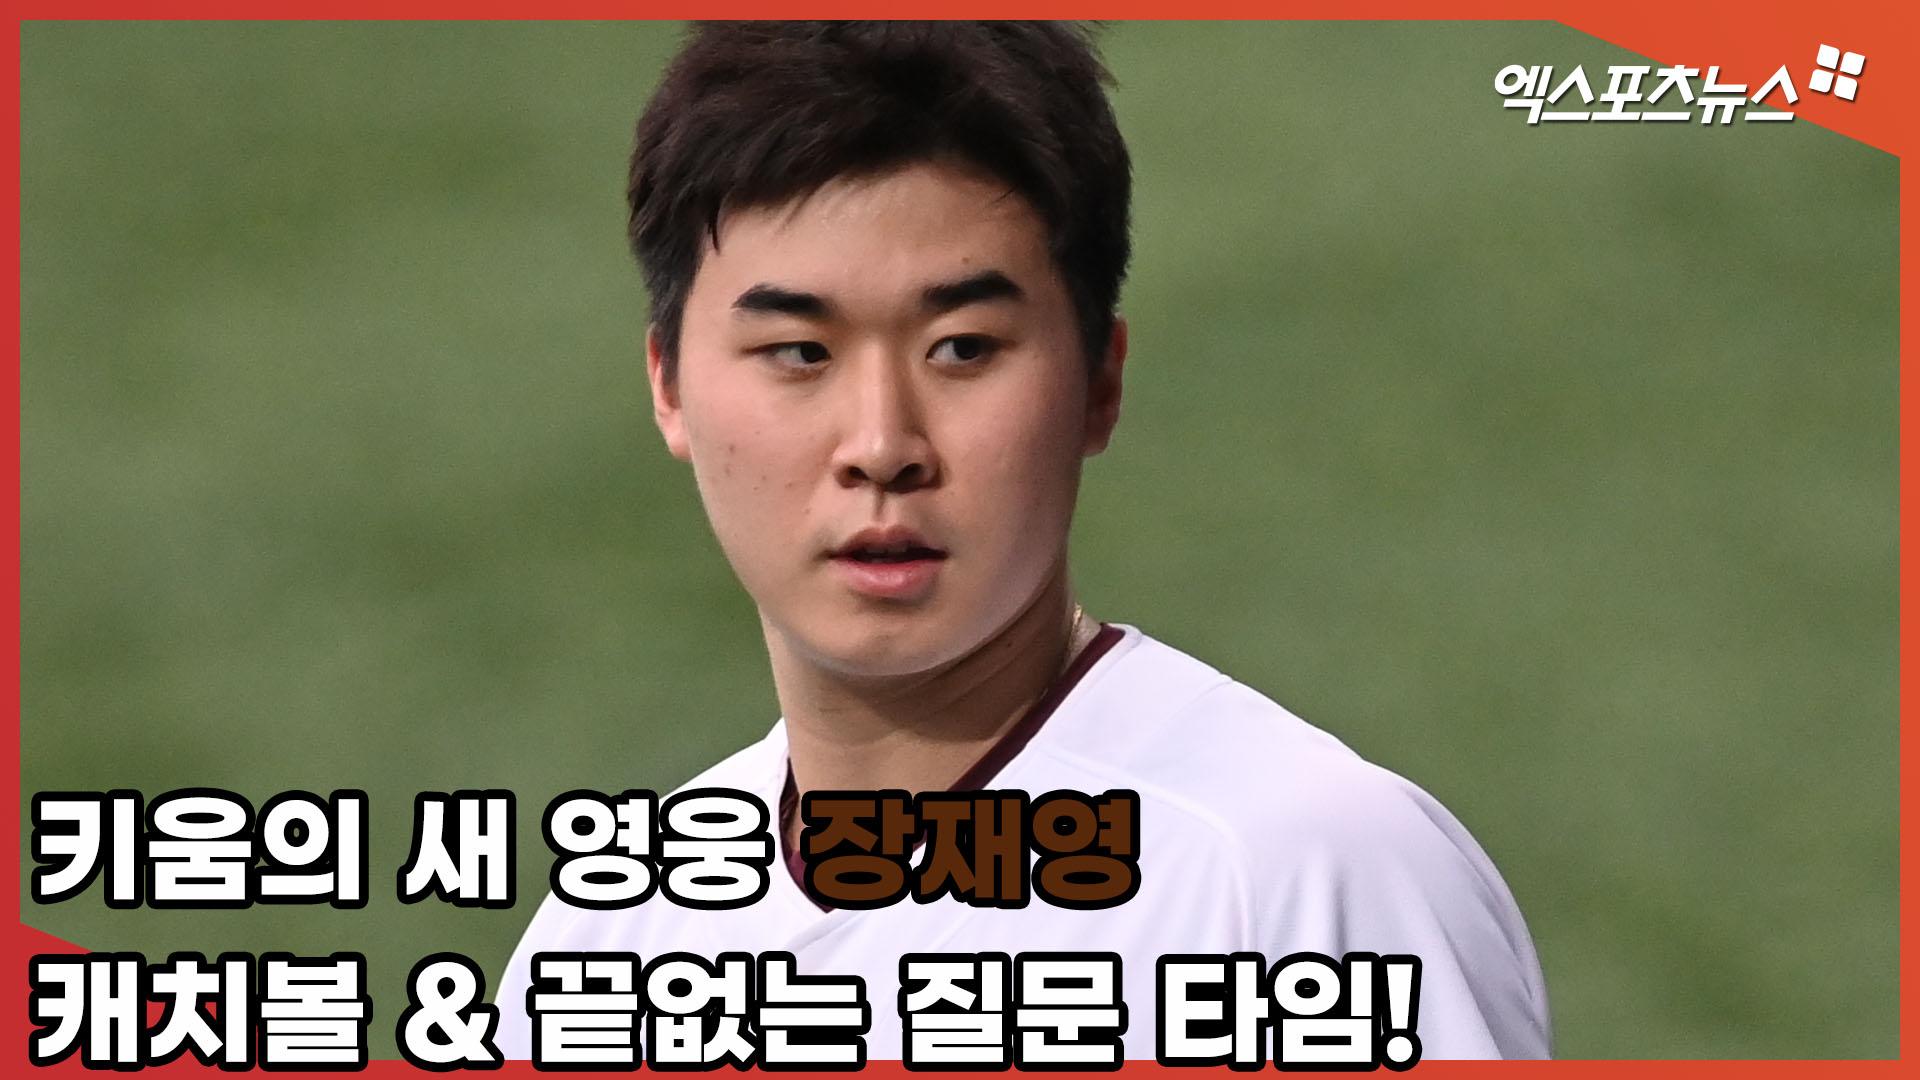 키움의 새 영웅 장재영, 캐치볼 및 끝없는 질문 타임! [엑's 스케치]